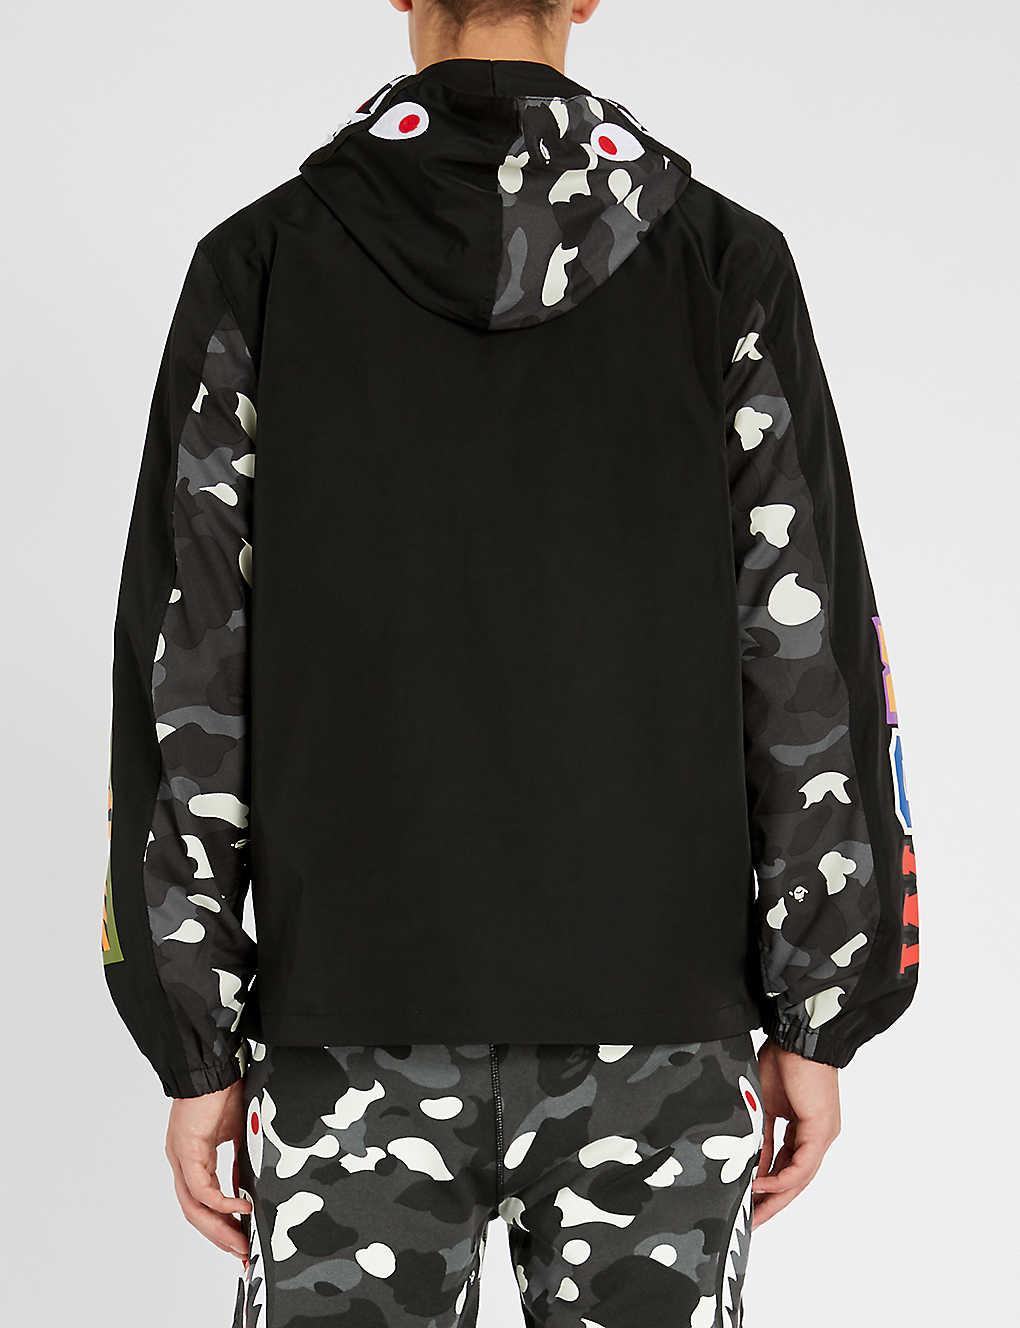 302a7297919 A BATHING APE - Camo-shark shell jacket